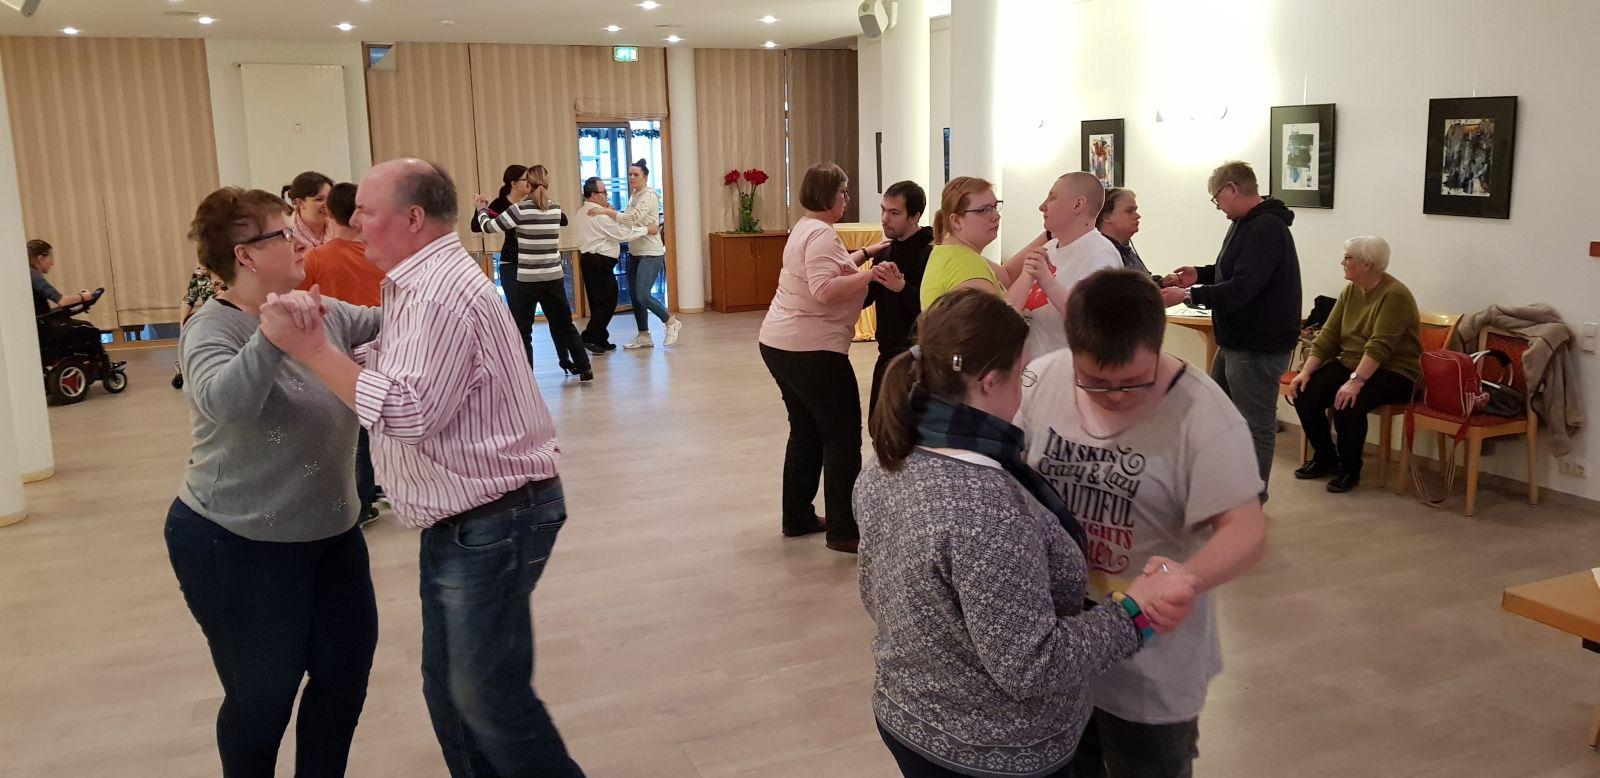 Lehrgang für inklusive Tanzepaare der Wettkampfserie 2020